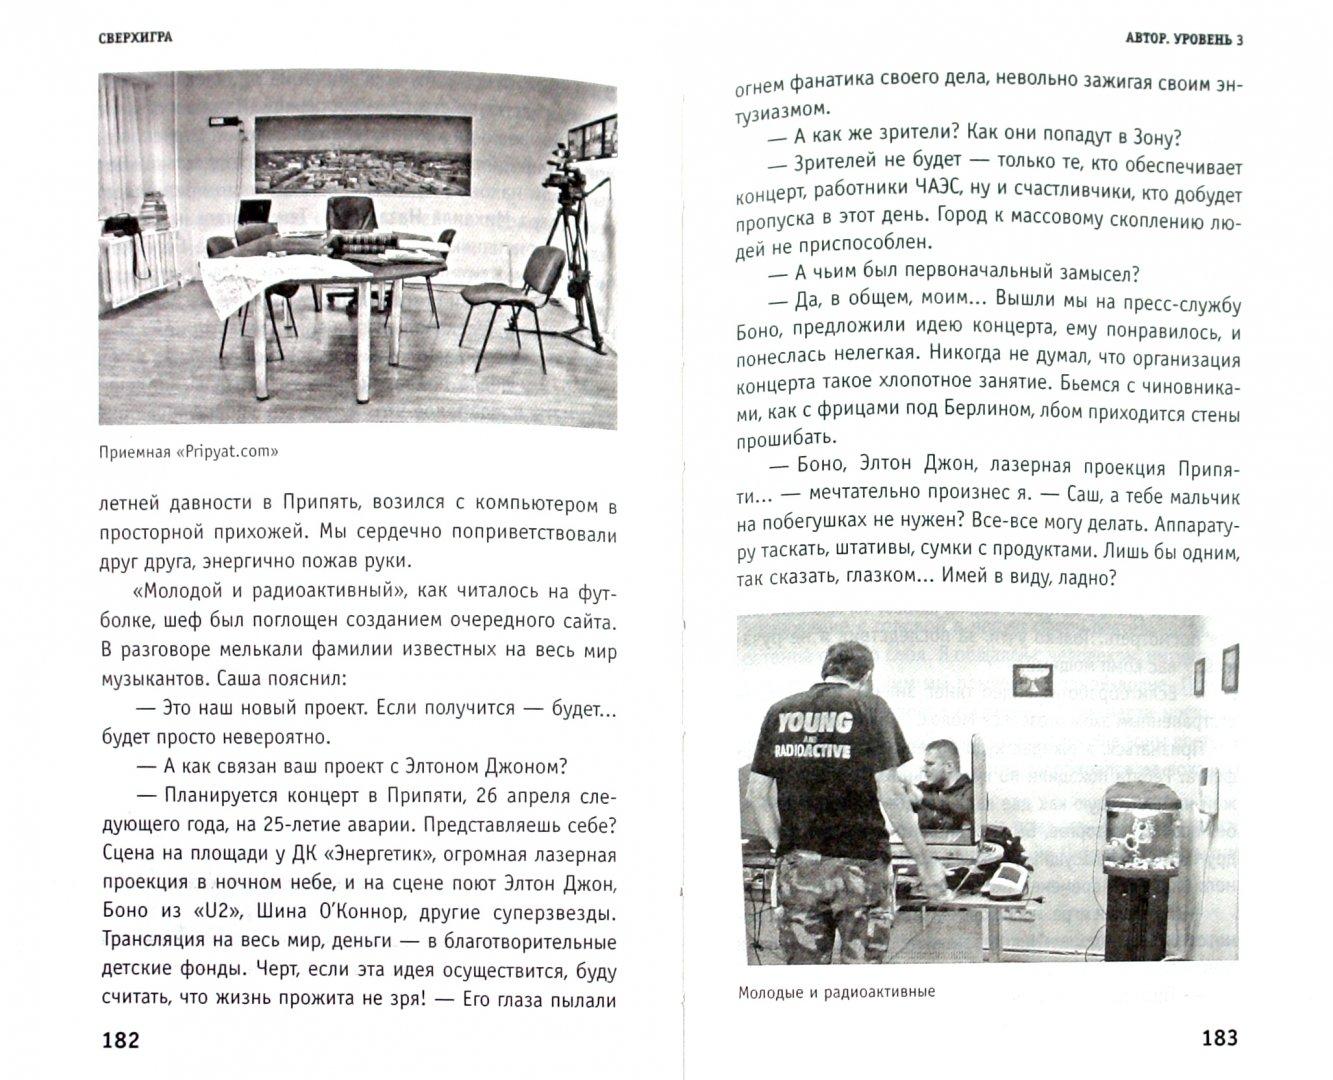 Иллюстрация 1 из 10 для Сверхигра - Артур Шигапов | Лабиринт - книги. Источник: Лабиринт